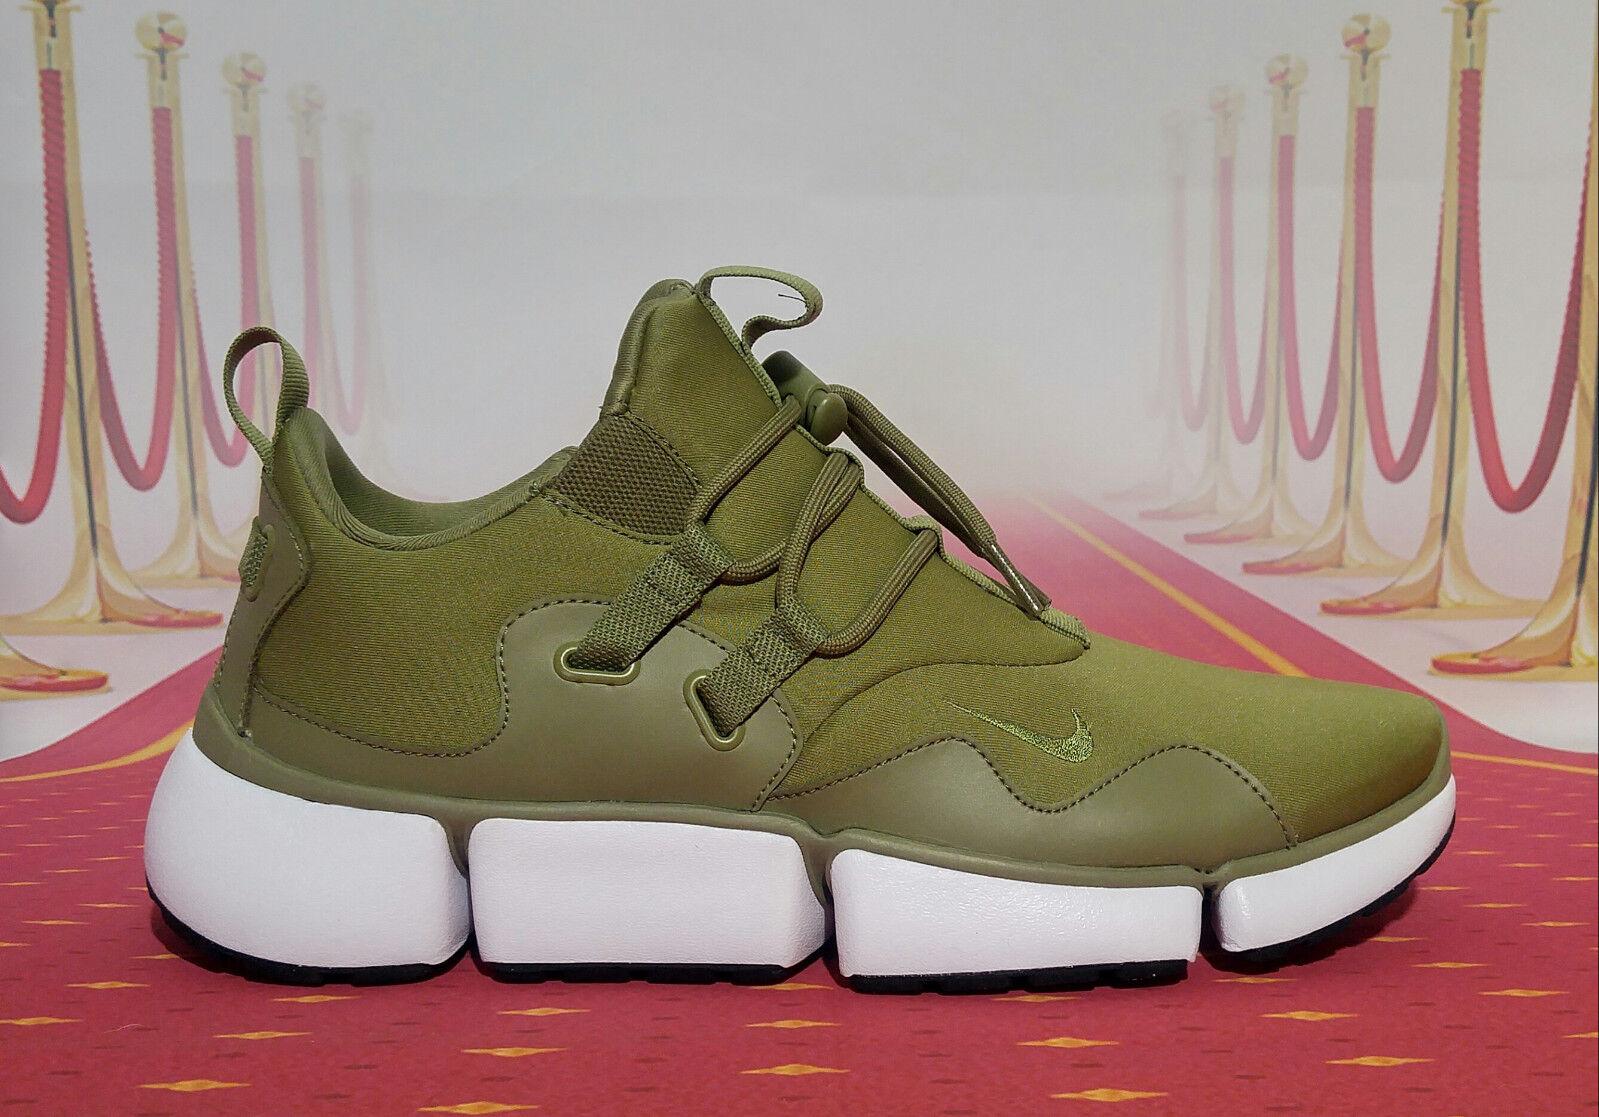 Nike neue taschenmesser dm 898033 200 neue Nike männer - schuhe - sz.kostenloser versand 20eca1